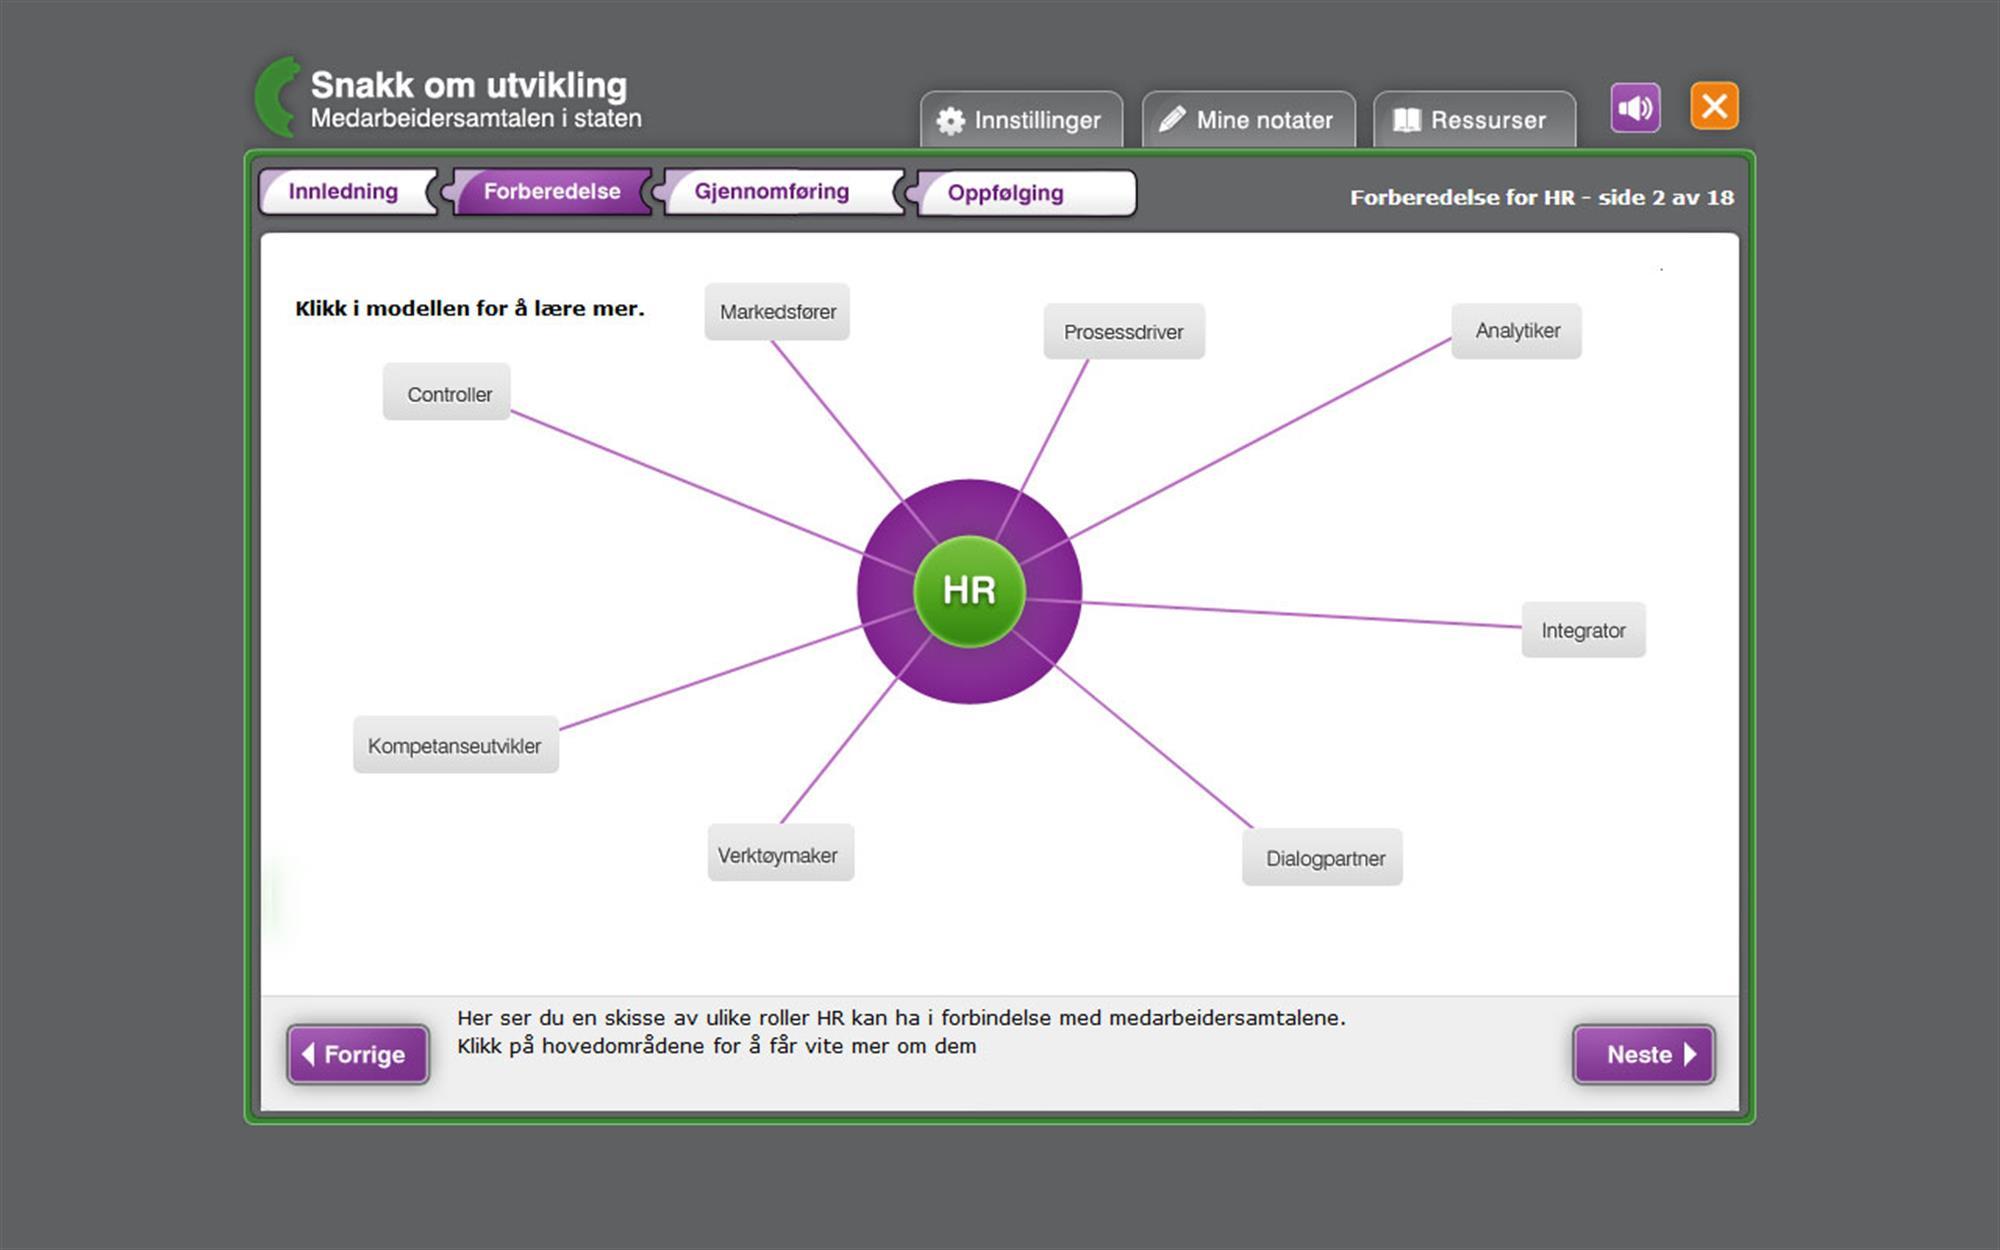 Digital Læring Apropos - Medarbeidersamtalen 2